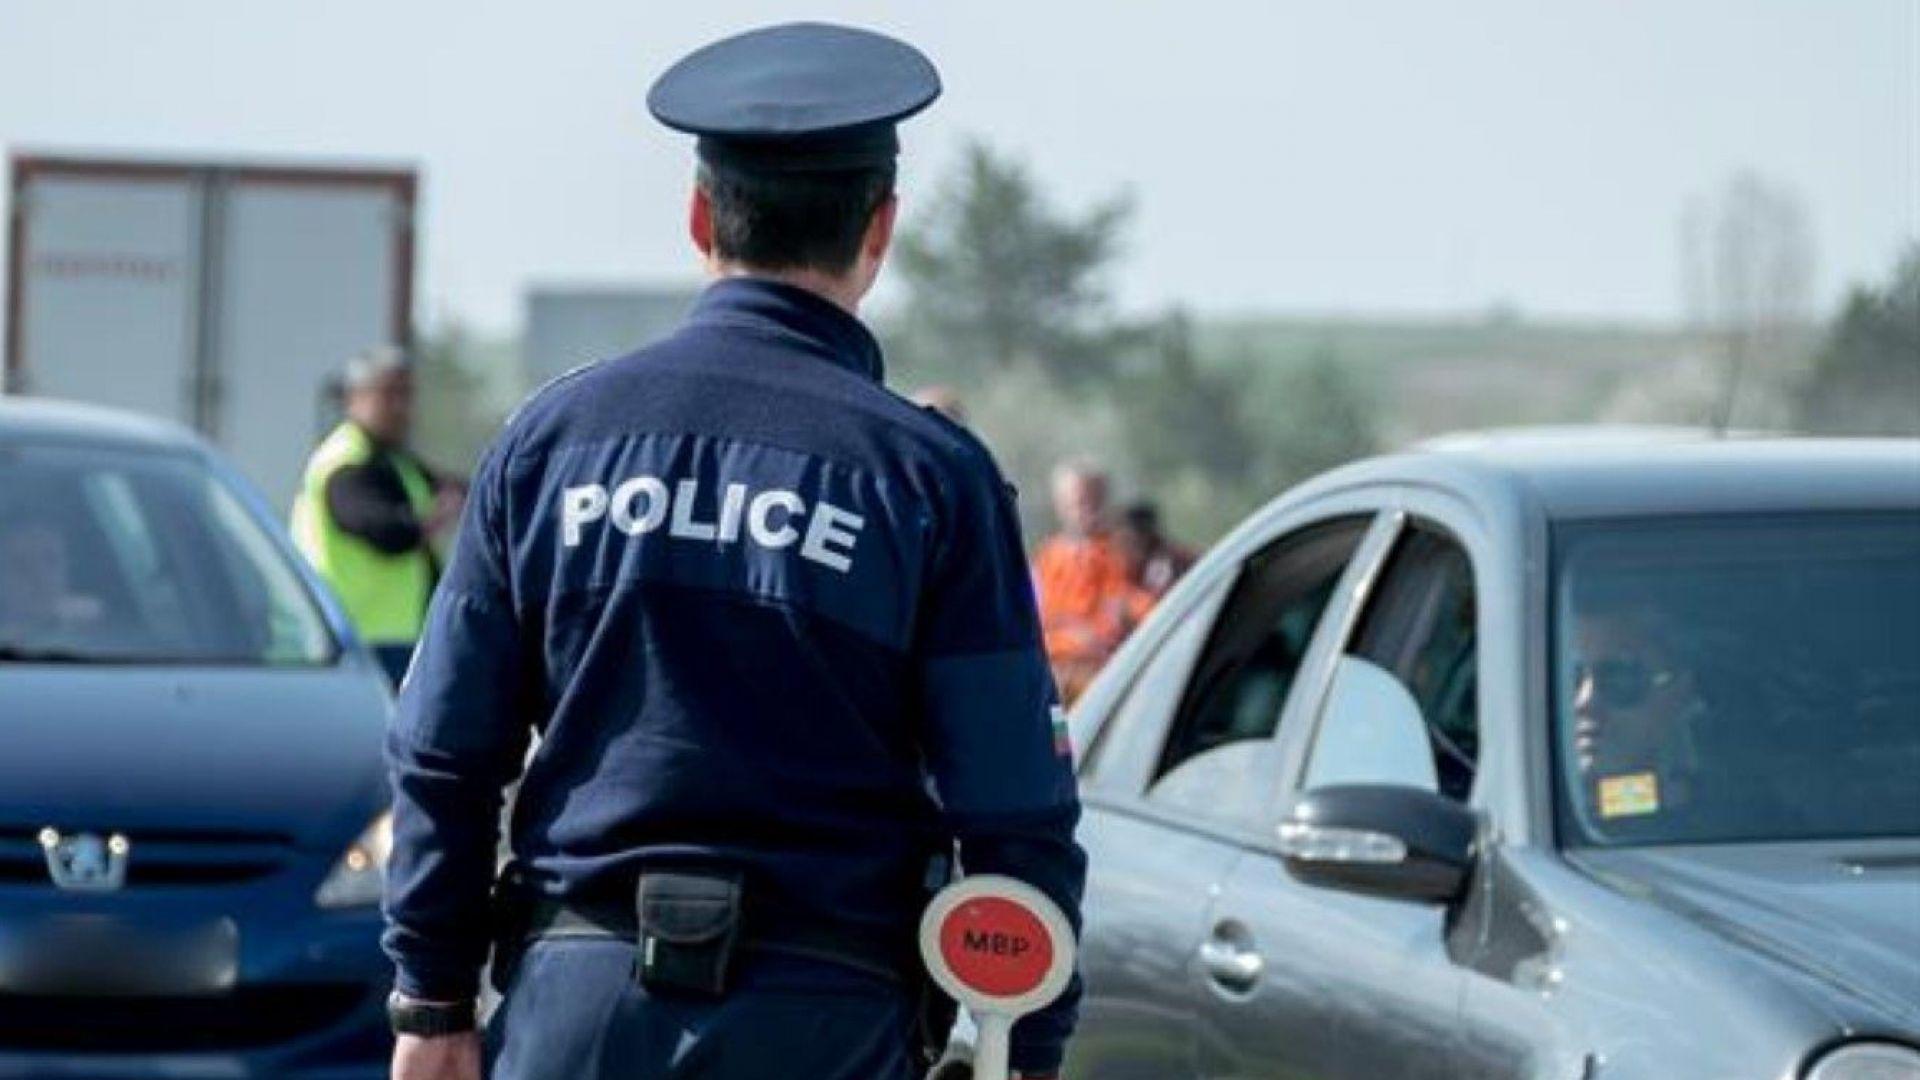 Полицията спря на пътя и провери хиляди автомобили, шофьори и пътници за 3 дни